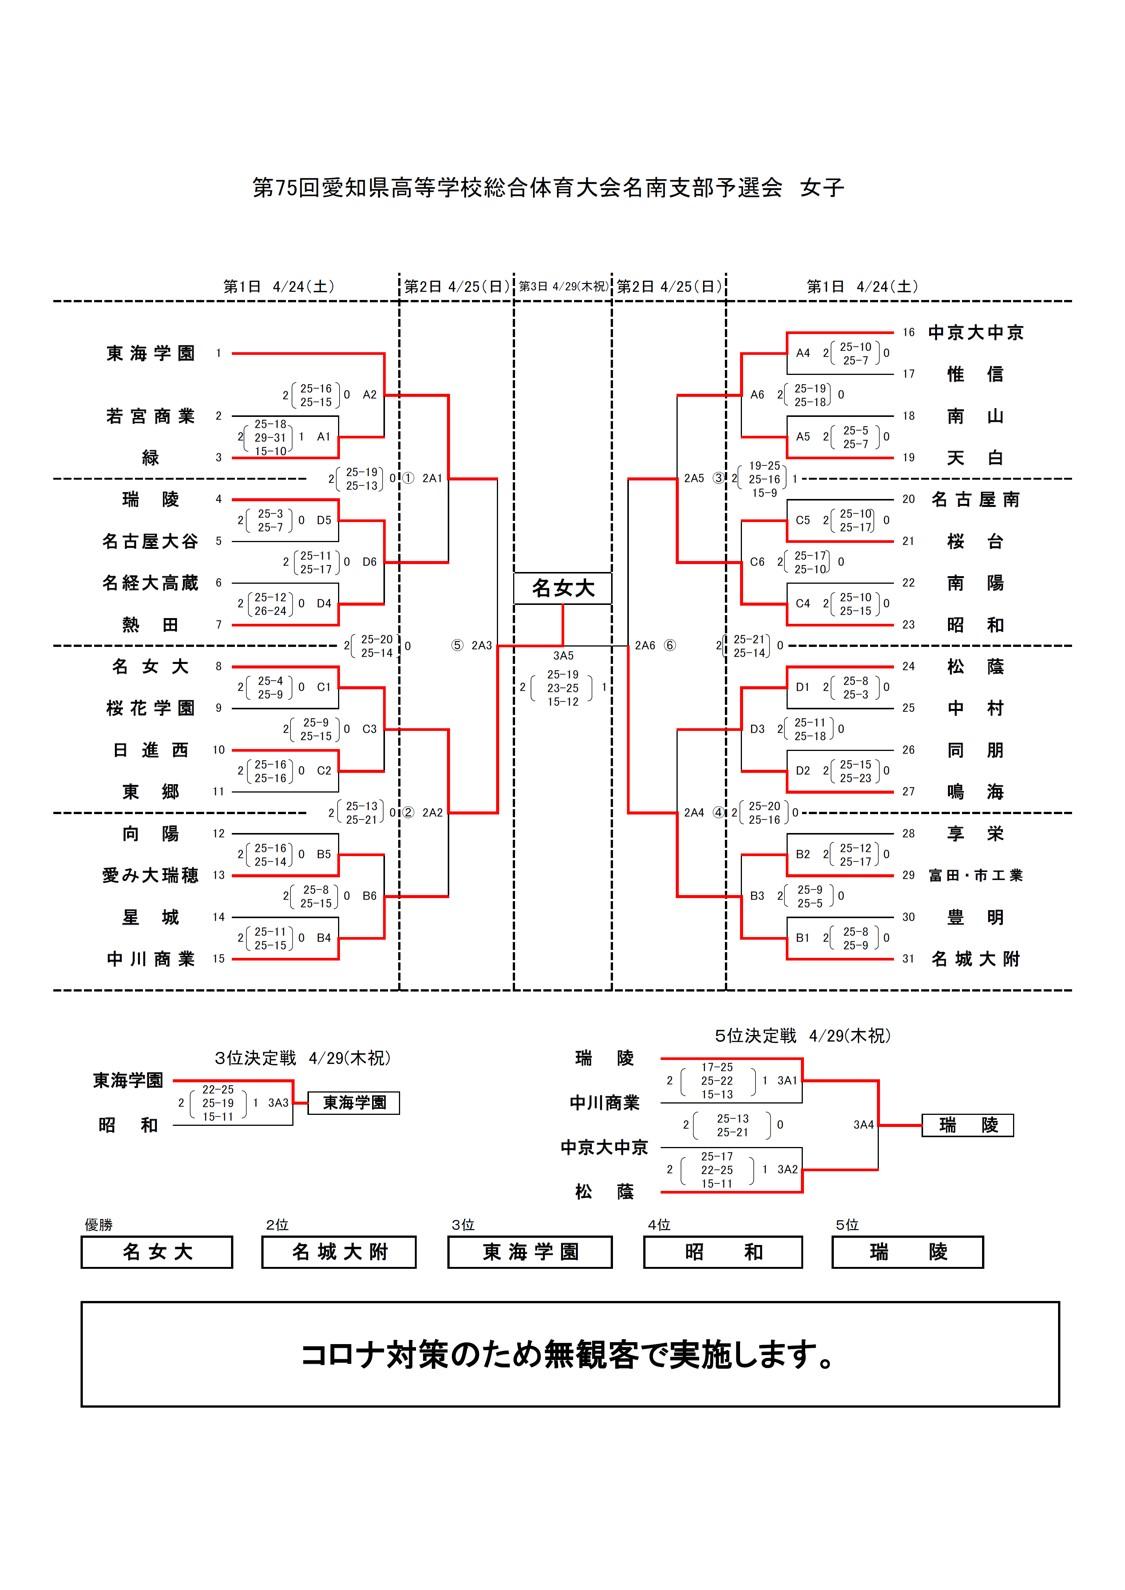 2021年度_インターハイ予選_愛知県_名古屋南地区_女子_結果